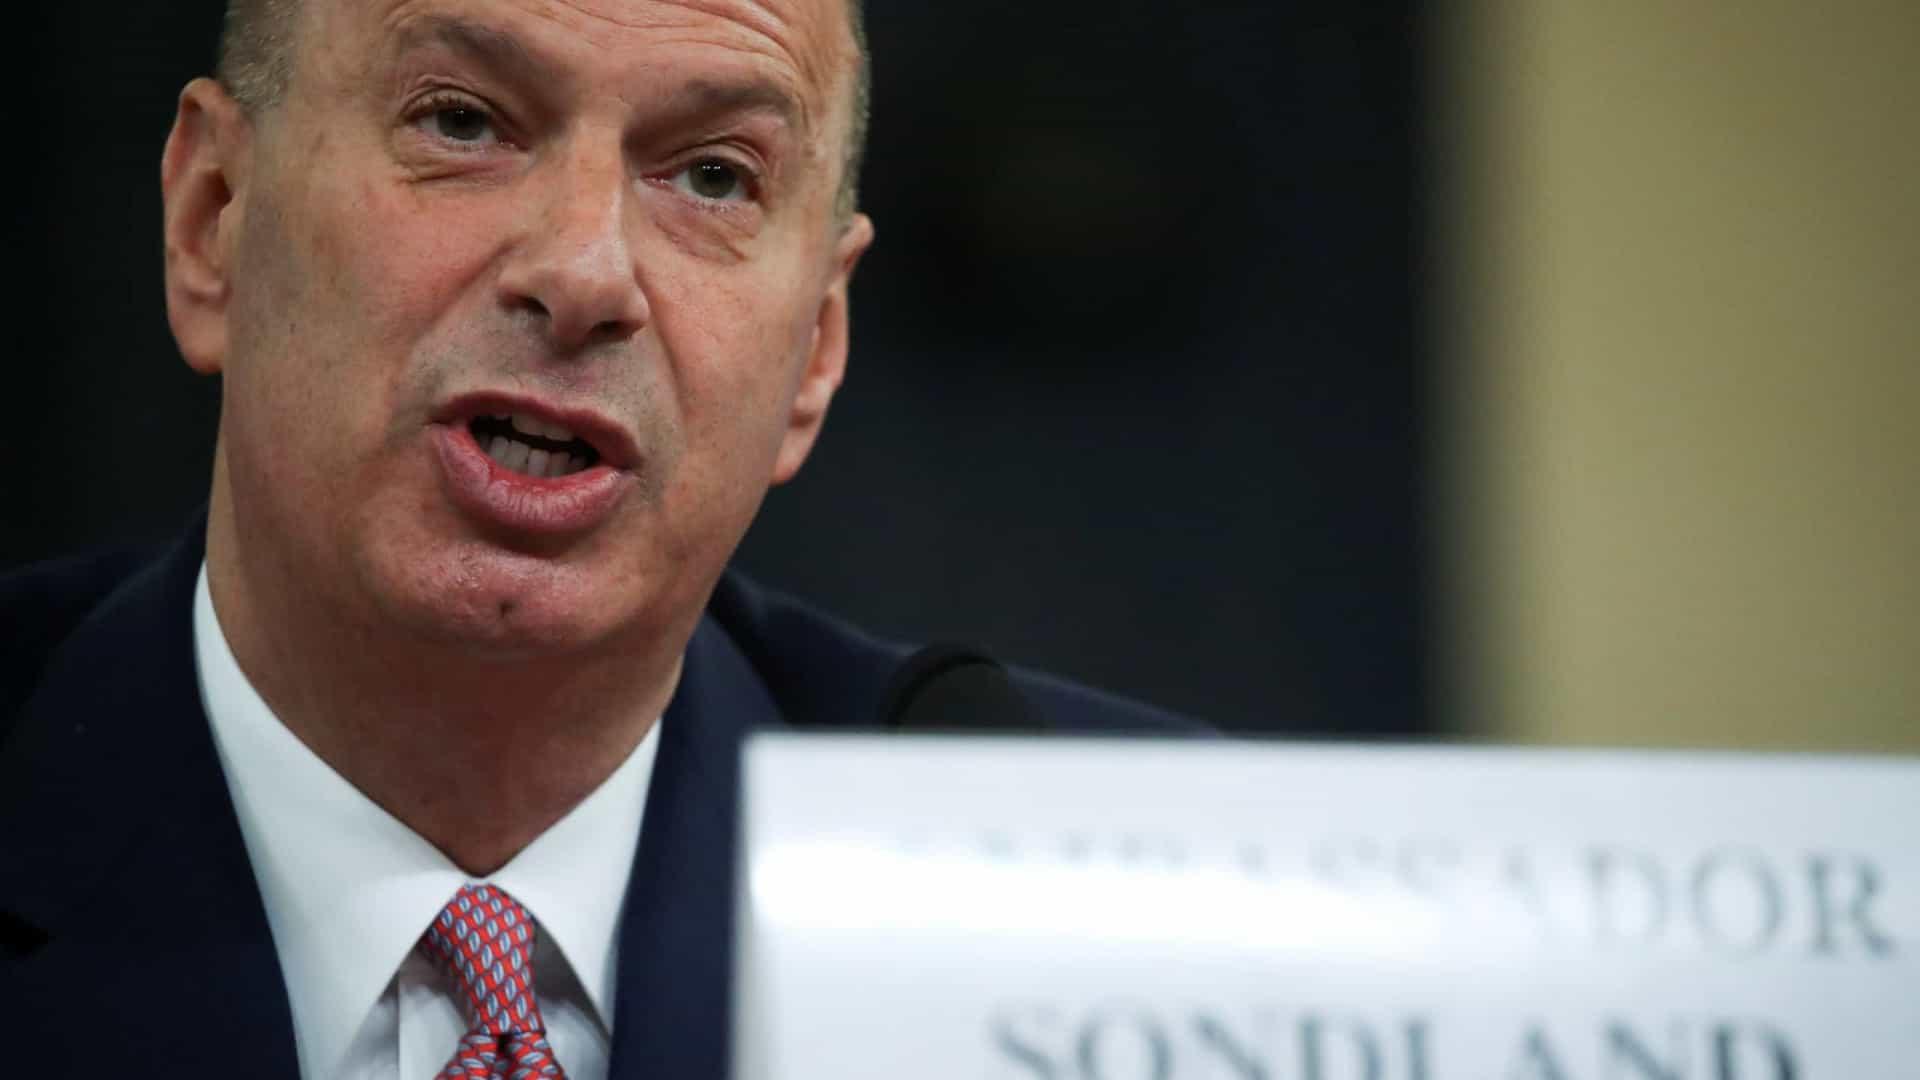 """embaixador confirma que pressionou ucrânia por ordem """"expressa"""" de trump - Gordon Sondland - Embaixador confirma que pressionou Ucrânia por ordem """"expressa"""" de Trump"""